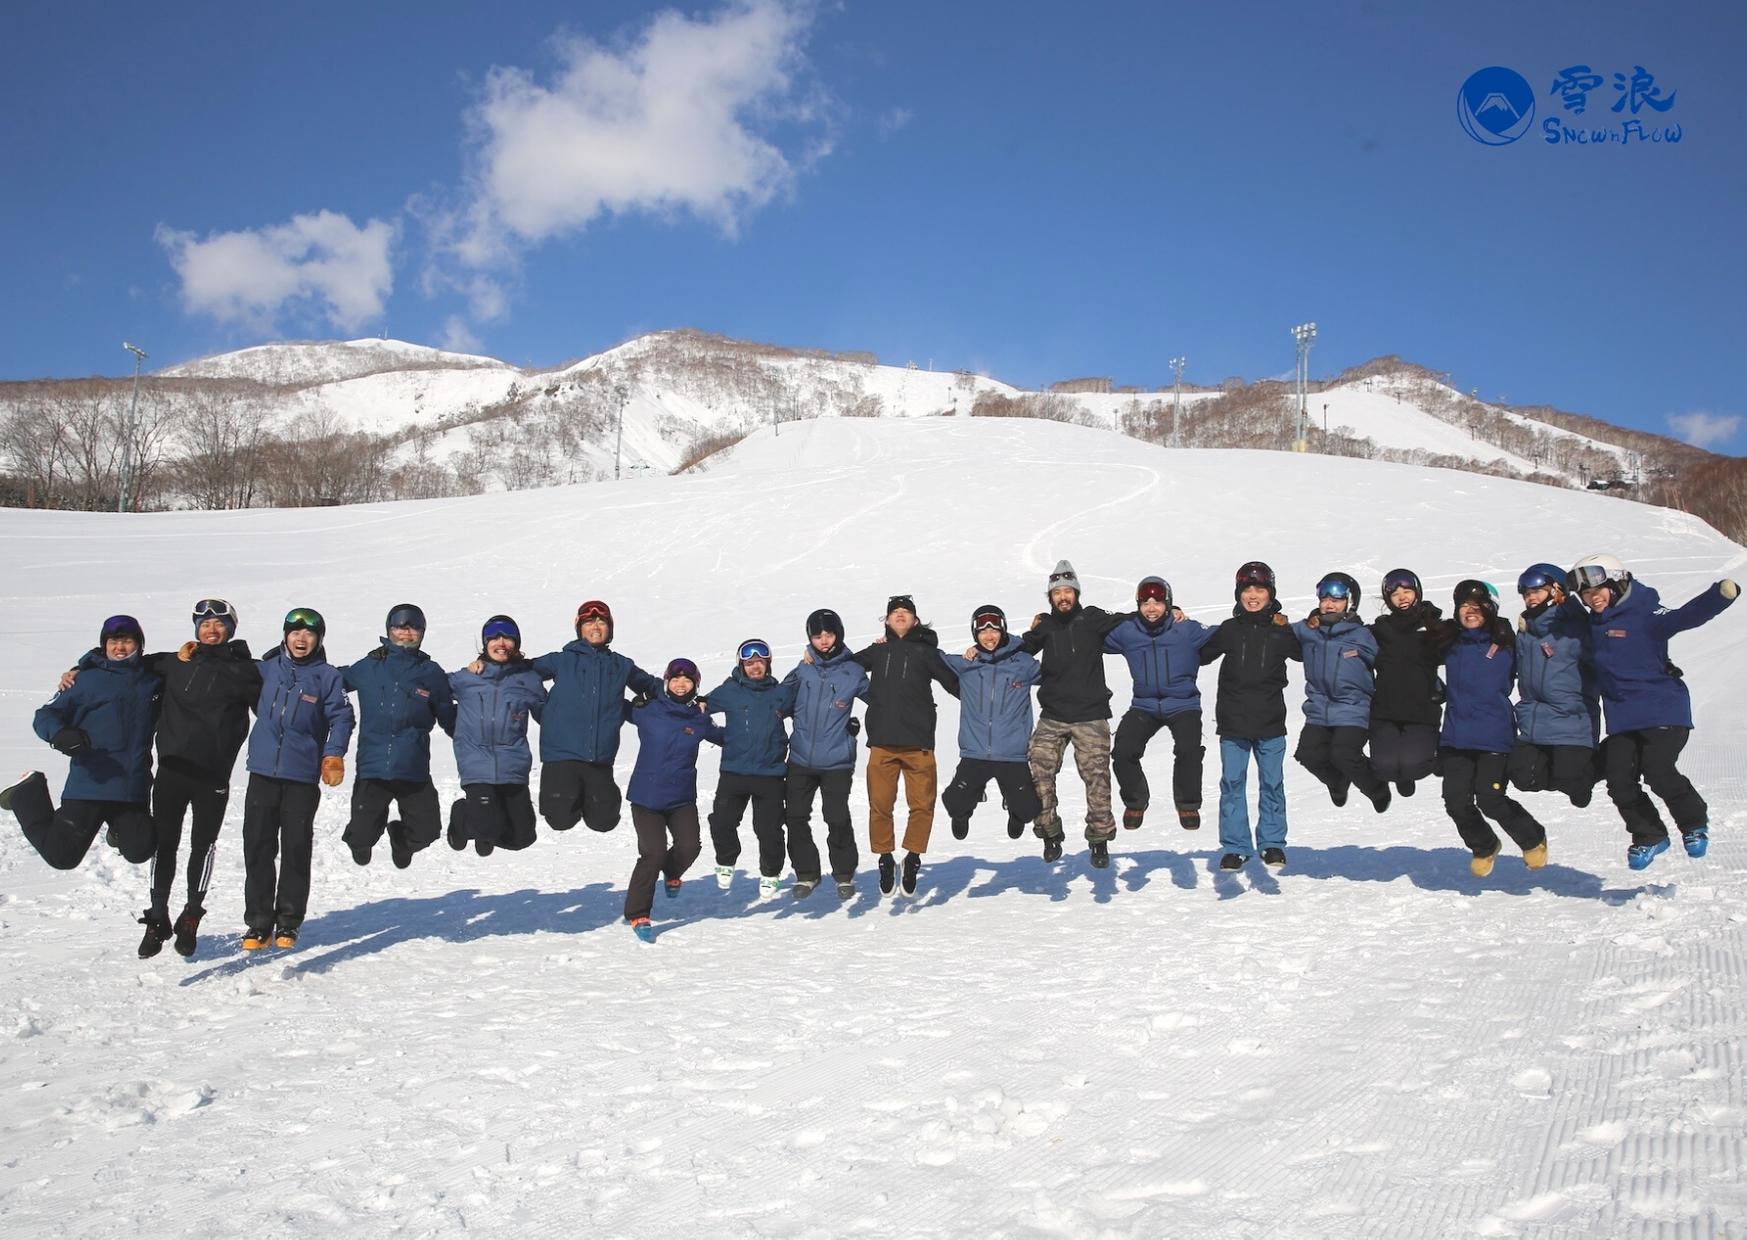 「在二世古,愛上滑雪」一起體驗滑雪的樂趣!雪浪滑雪學校